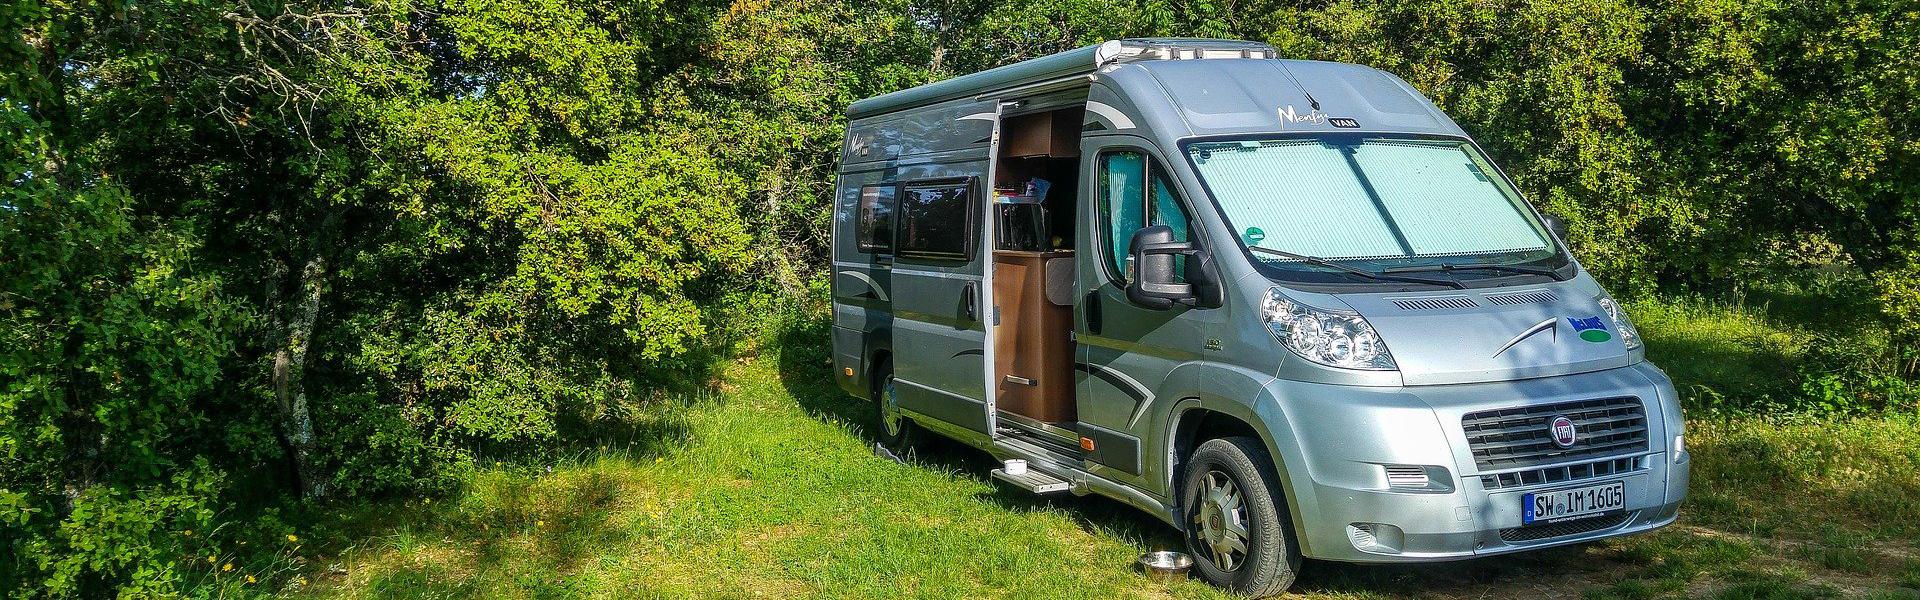 campings-para-autocaravanas-provincia-leon